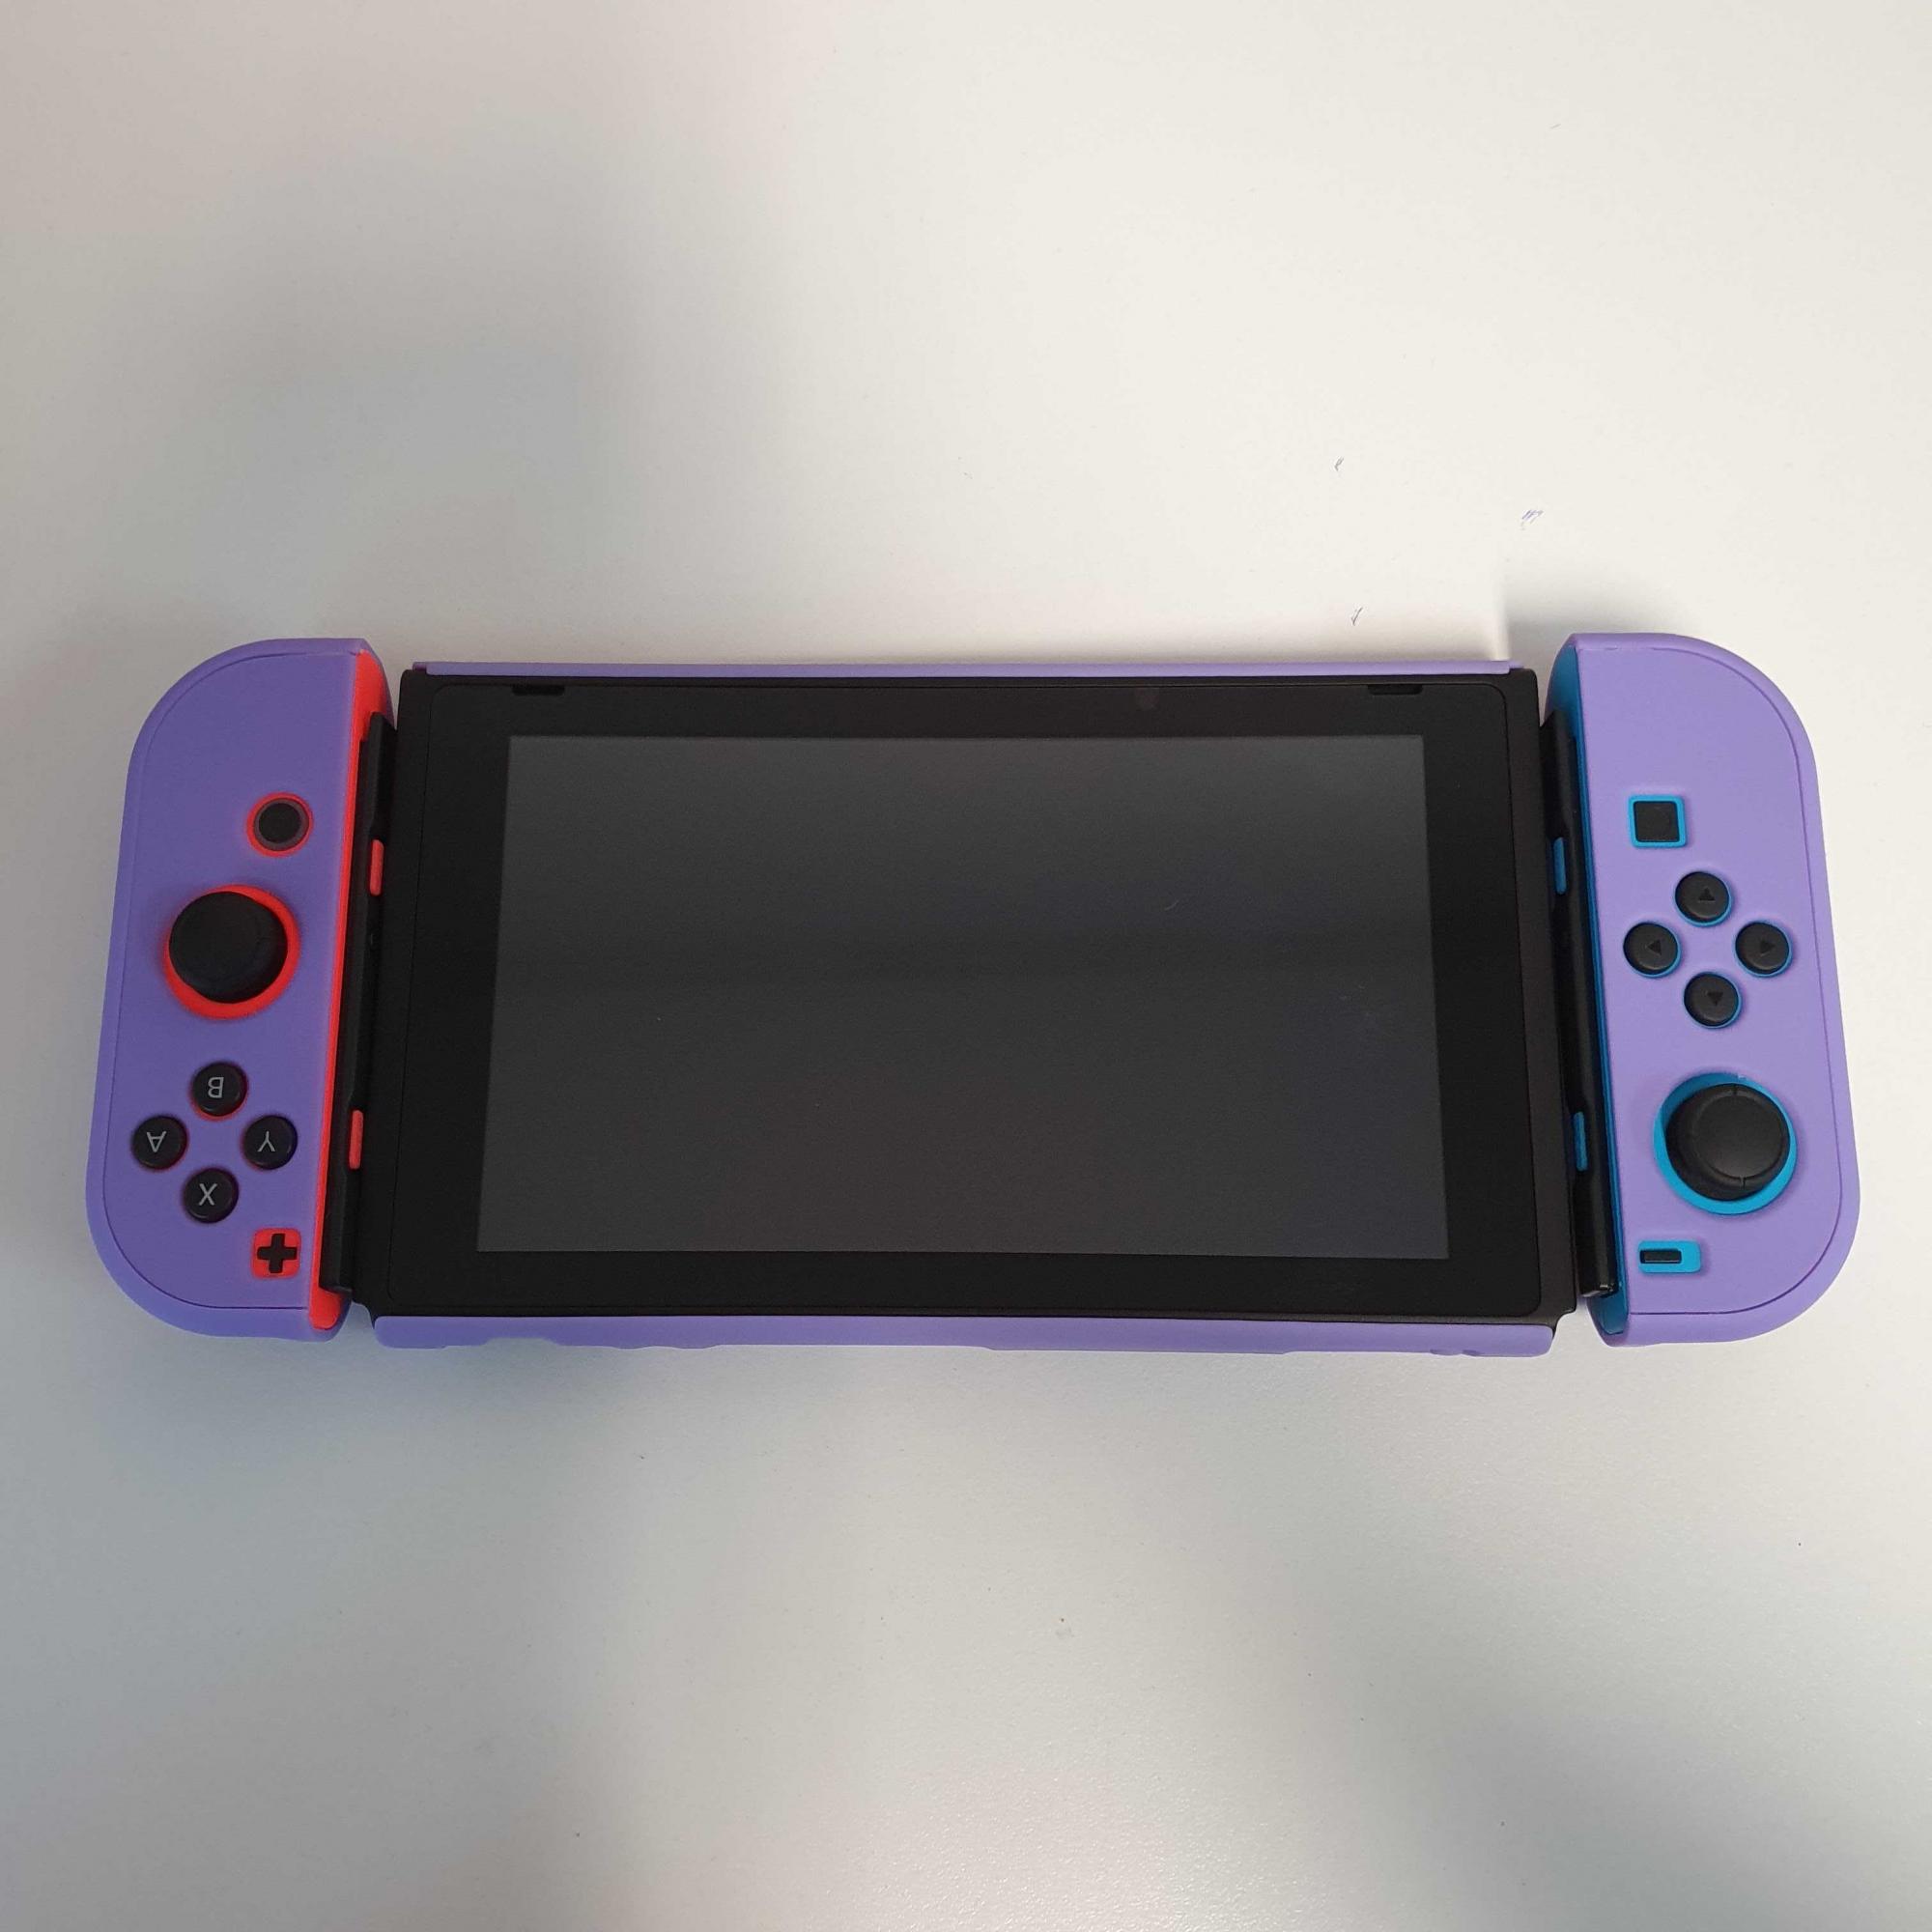 Kit de Proteção - Case + Capa + Película + Par de Protetores Analógicos - Roxo - Nintendo Switch